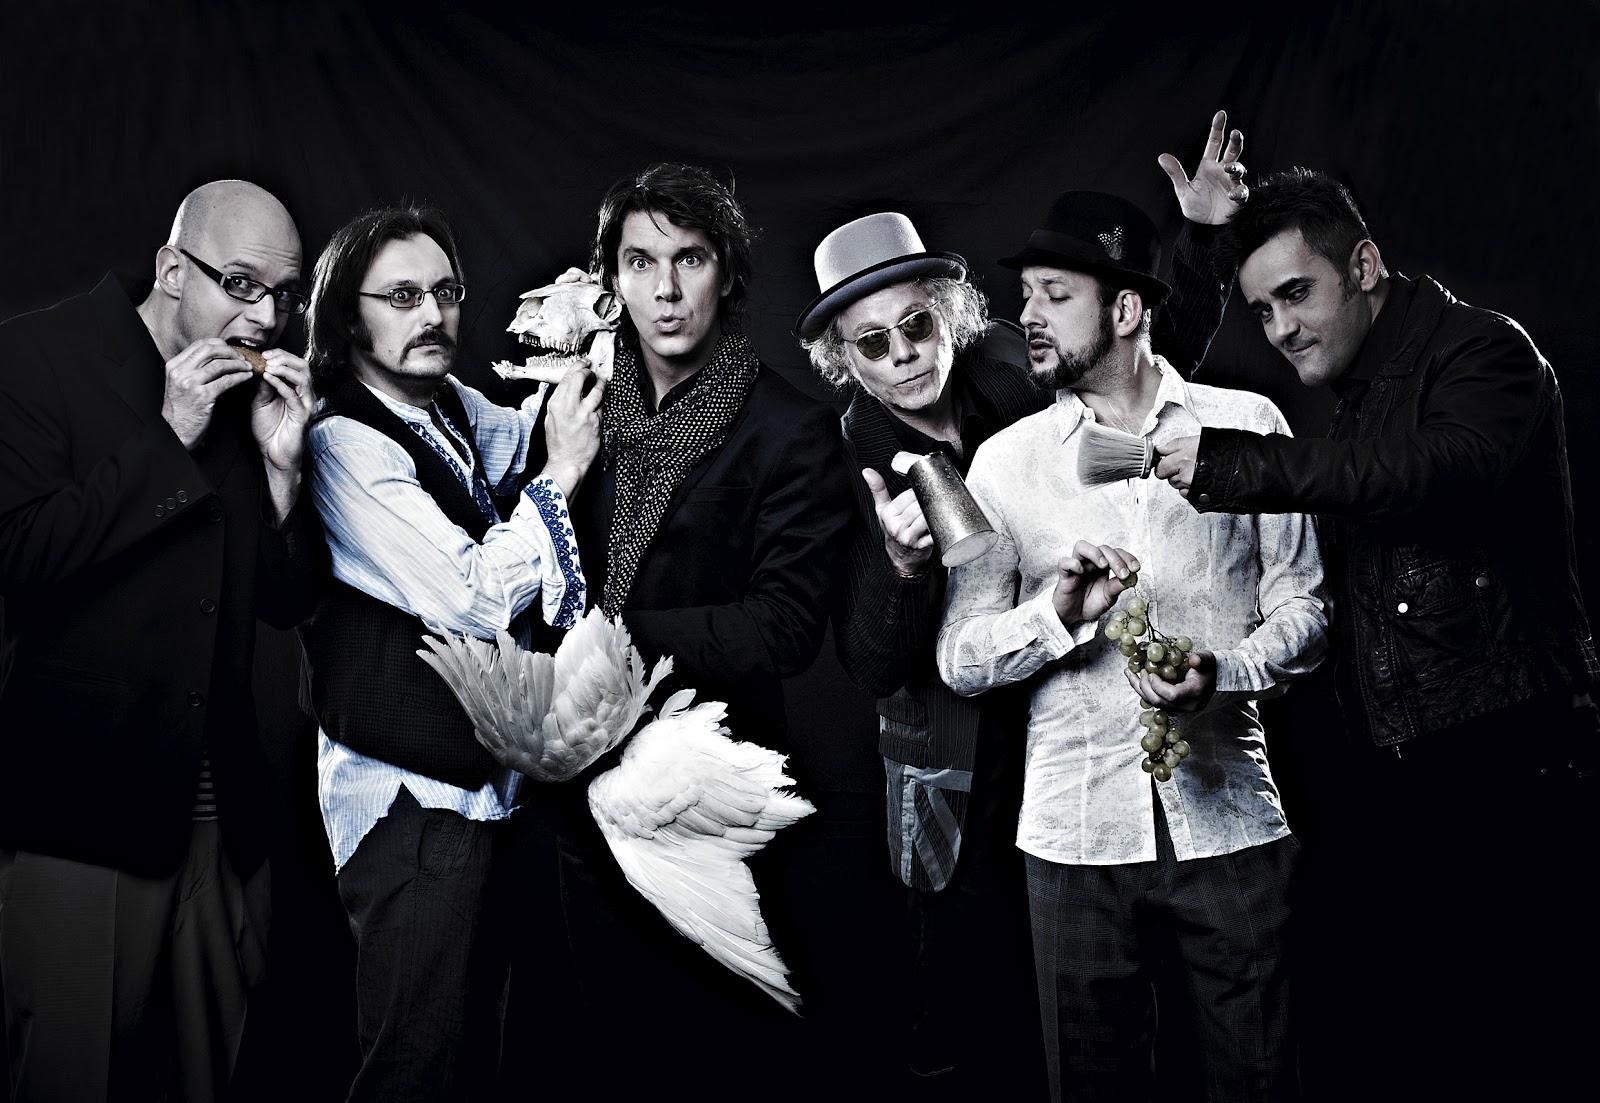 Quimby zenekar